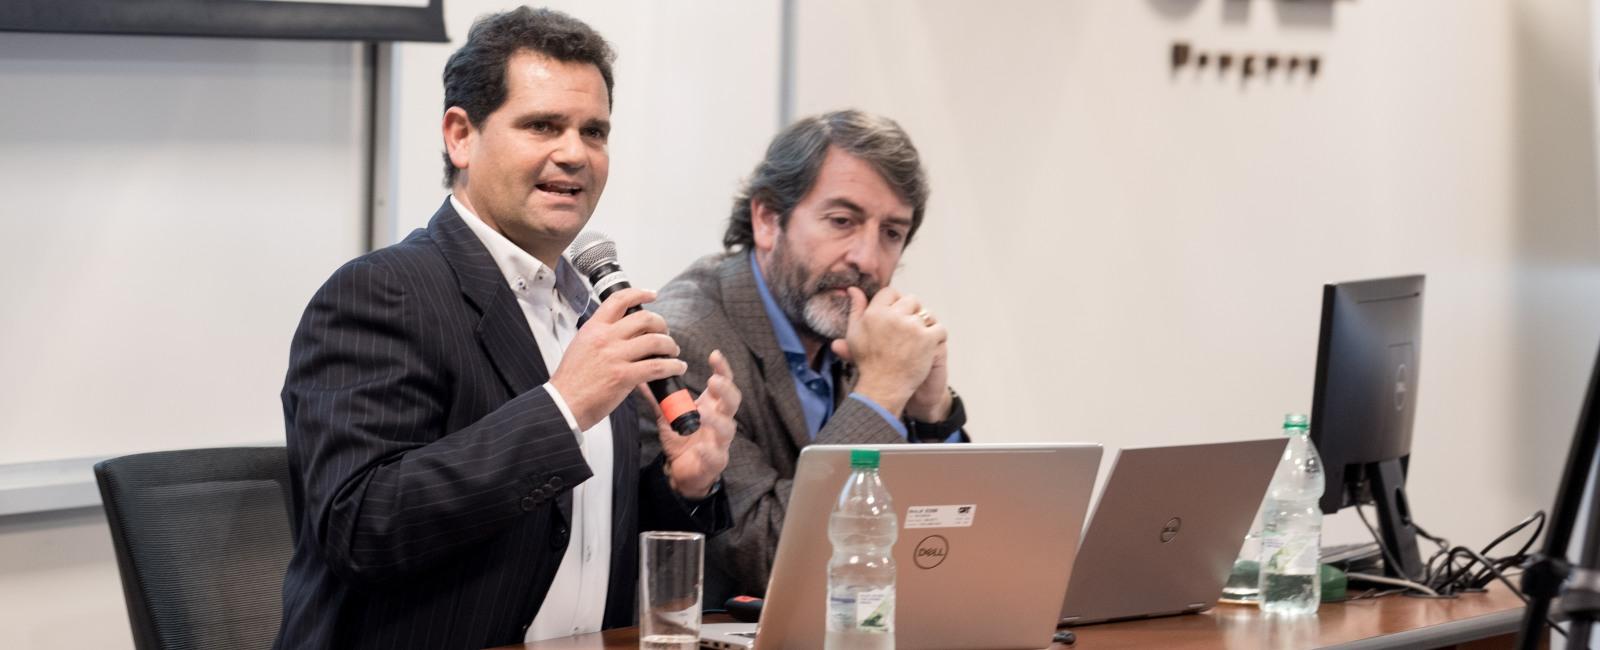 Santiago Machado y Luis Silva Domingo